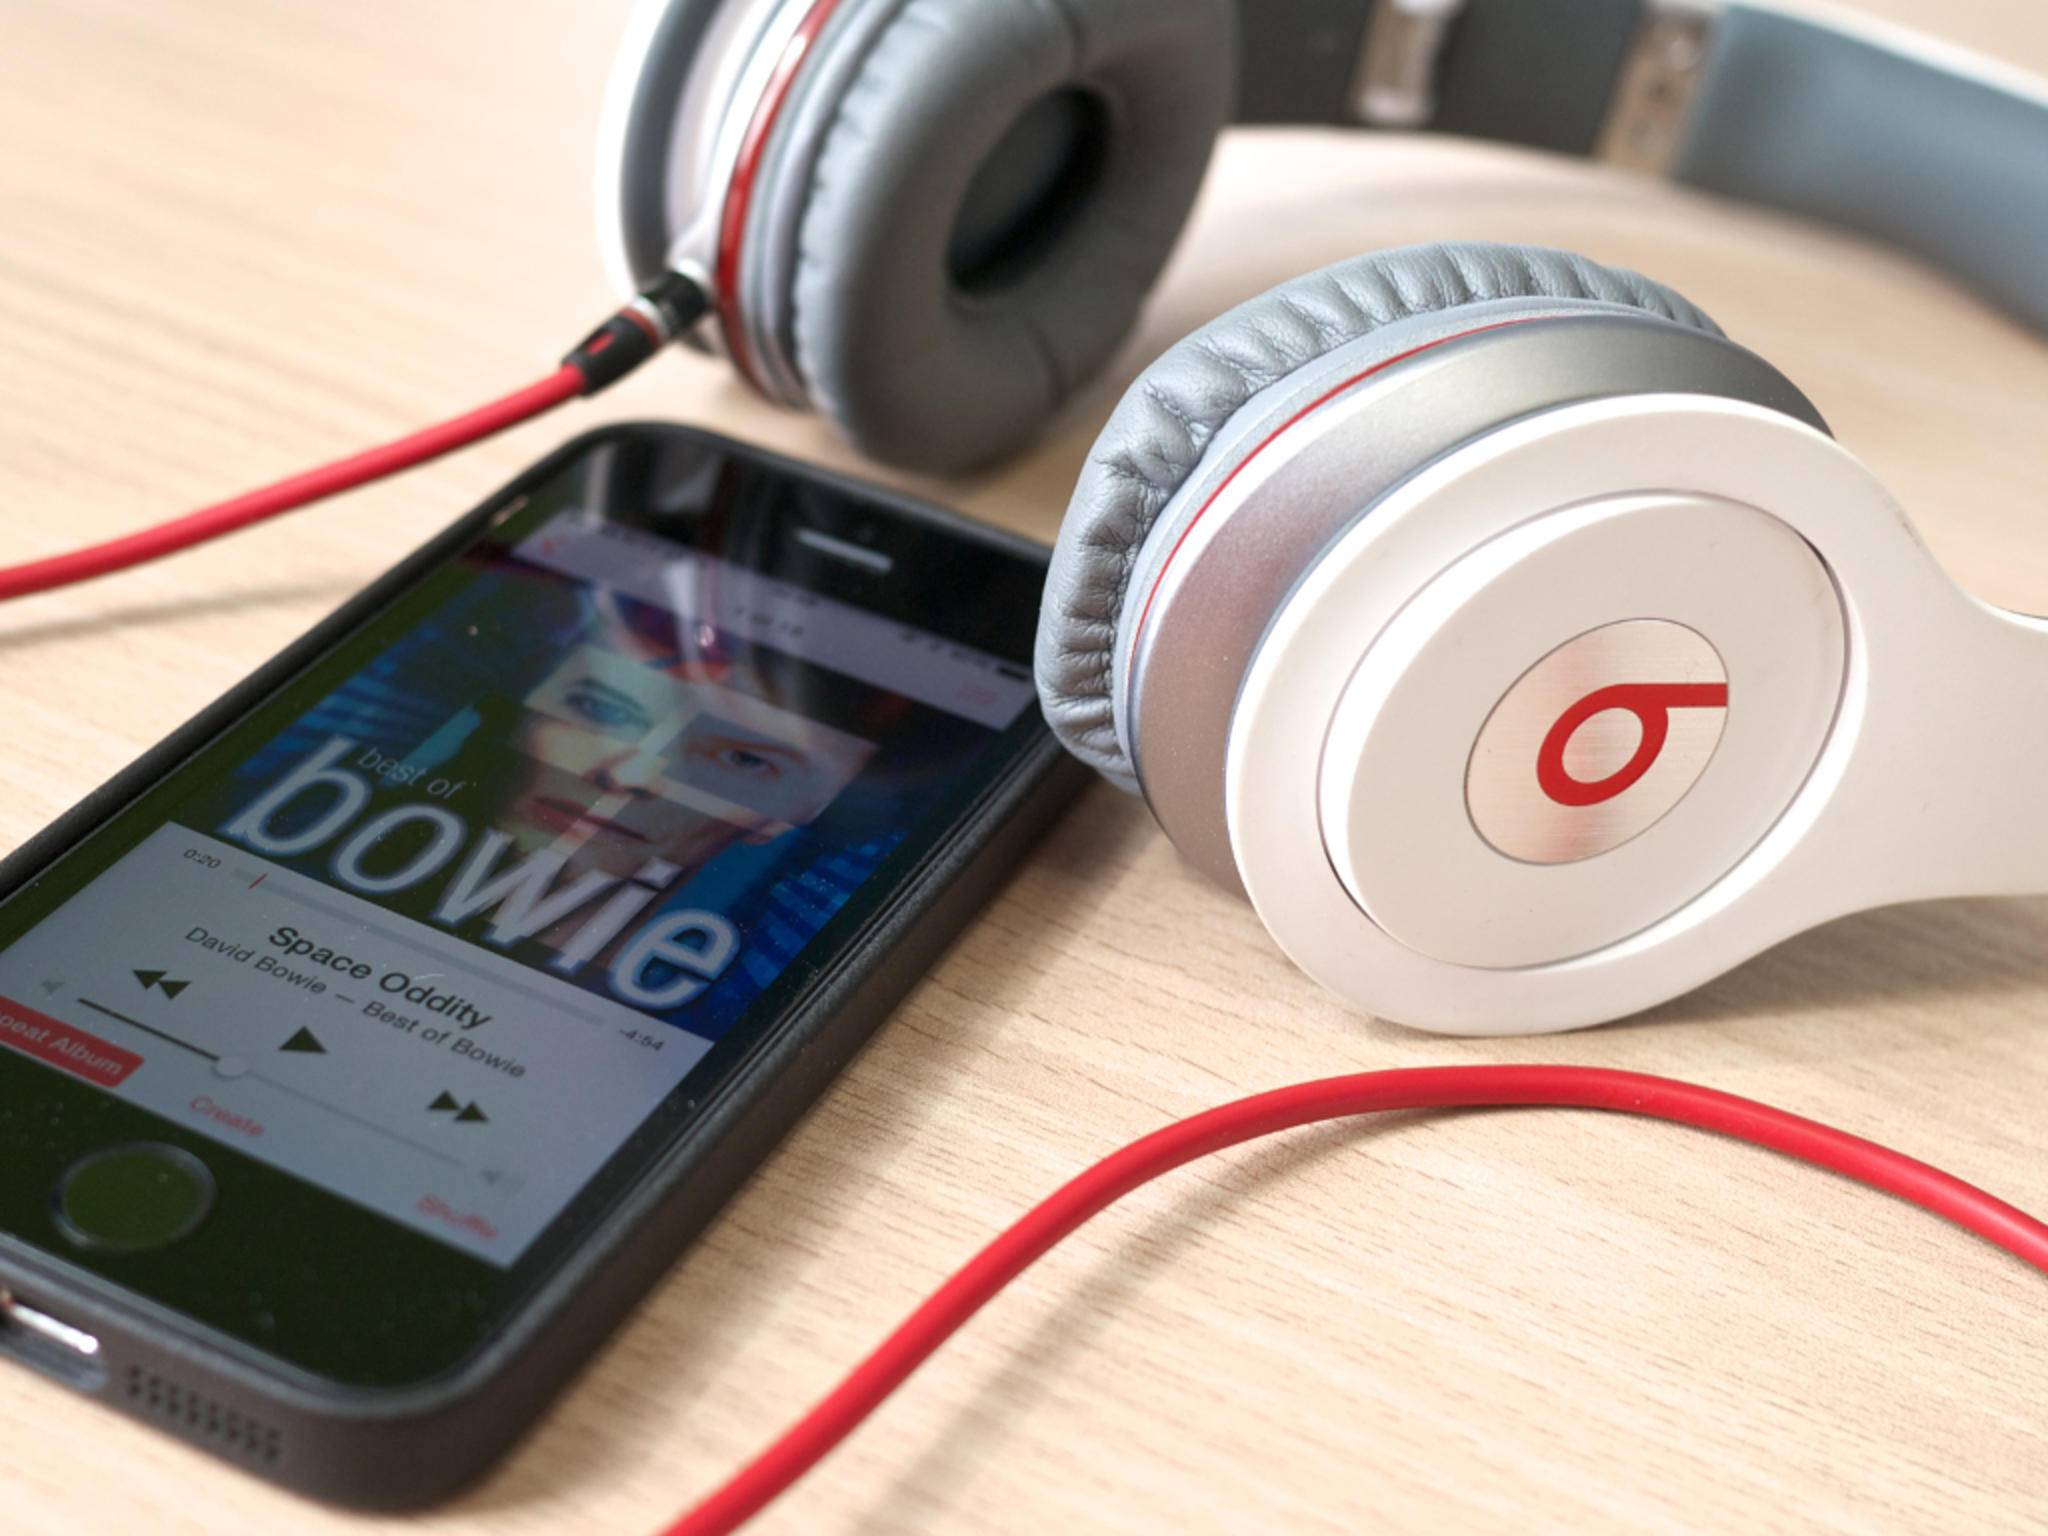 Offenbar wird das neue Beats Music bereits in iOS 8.4 integriert.